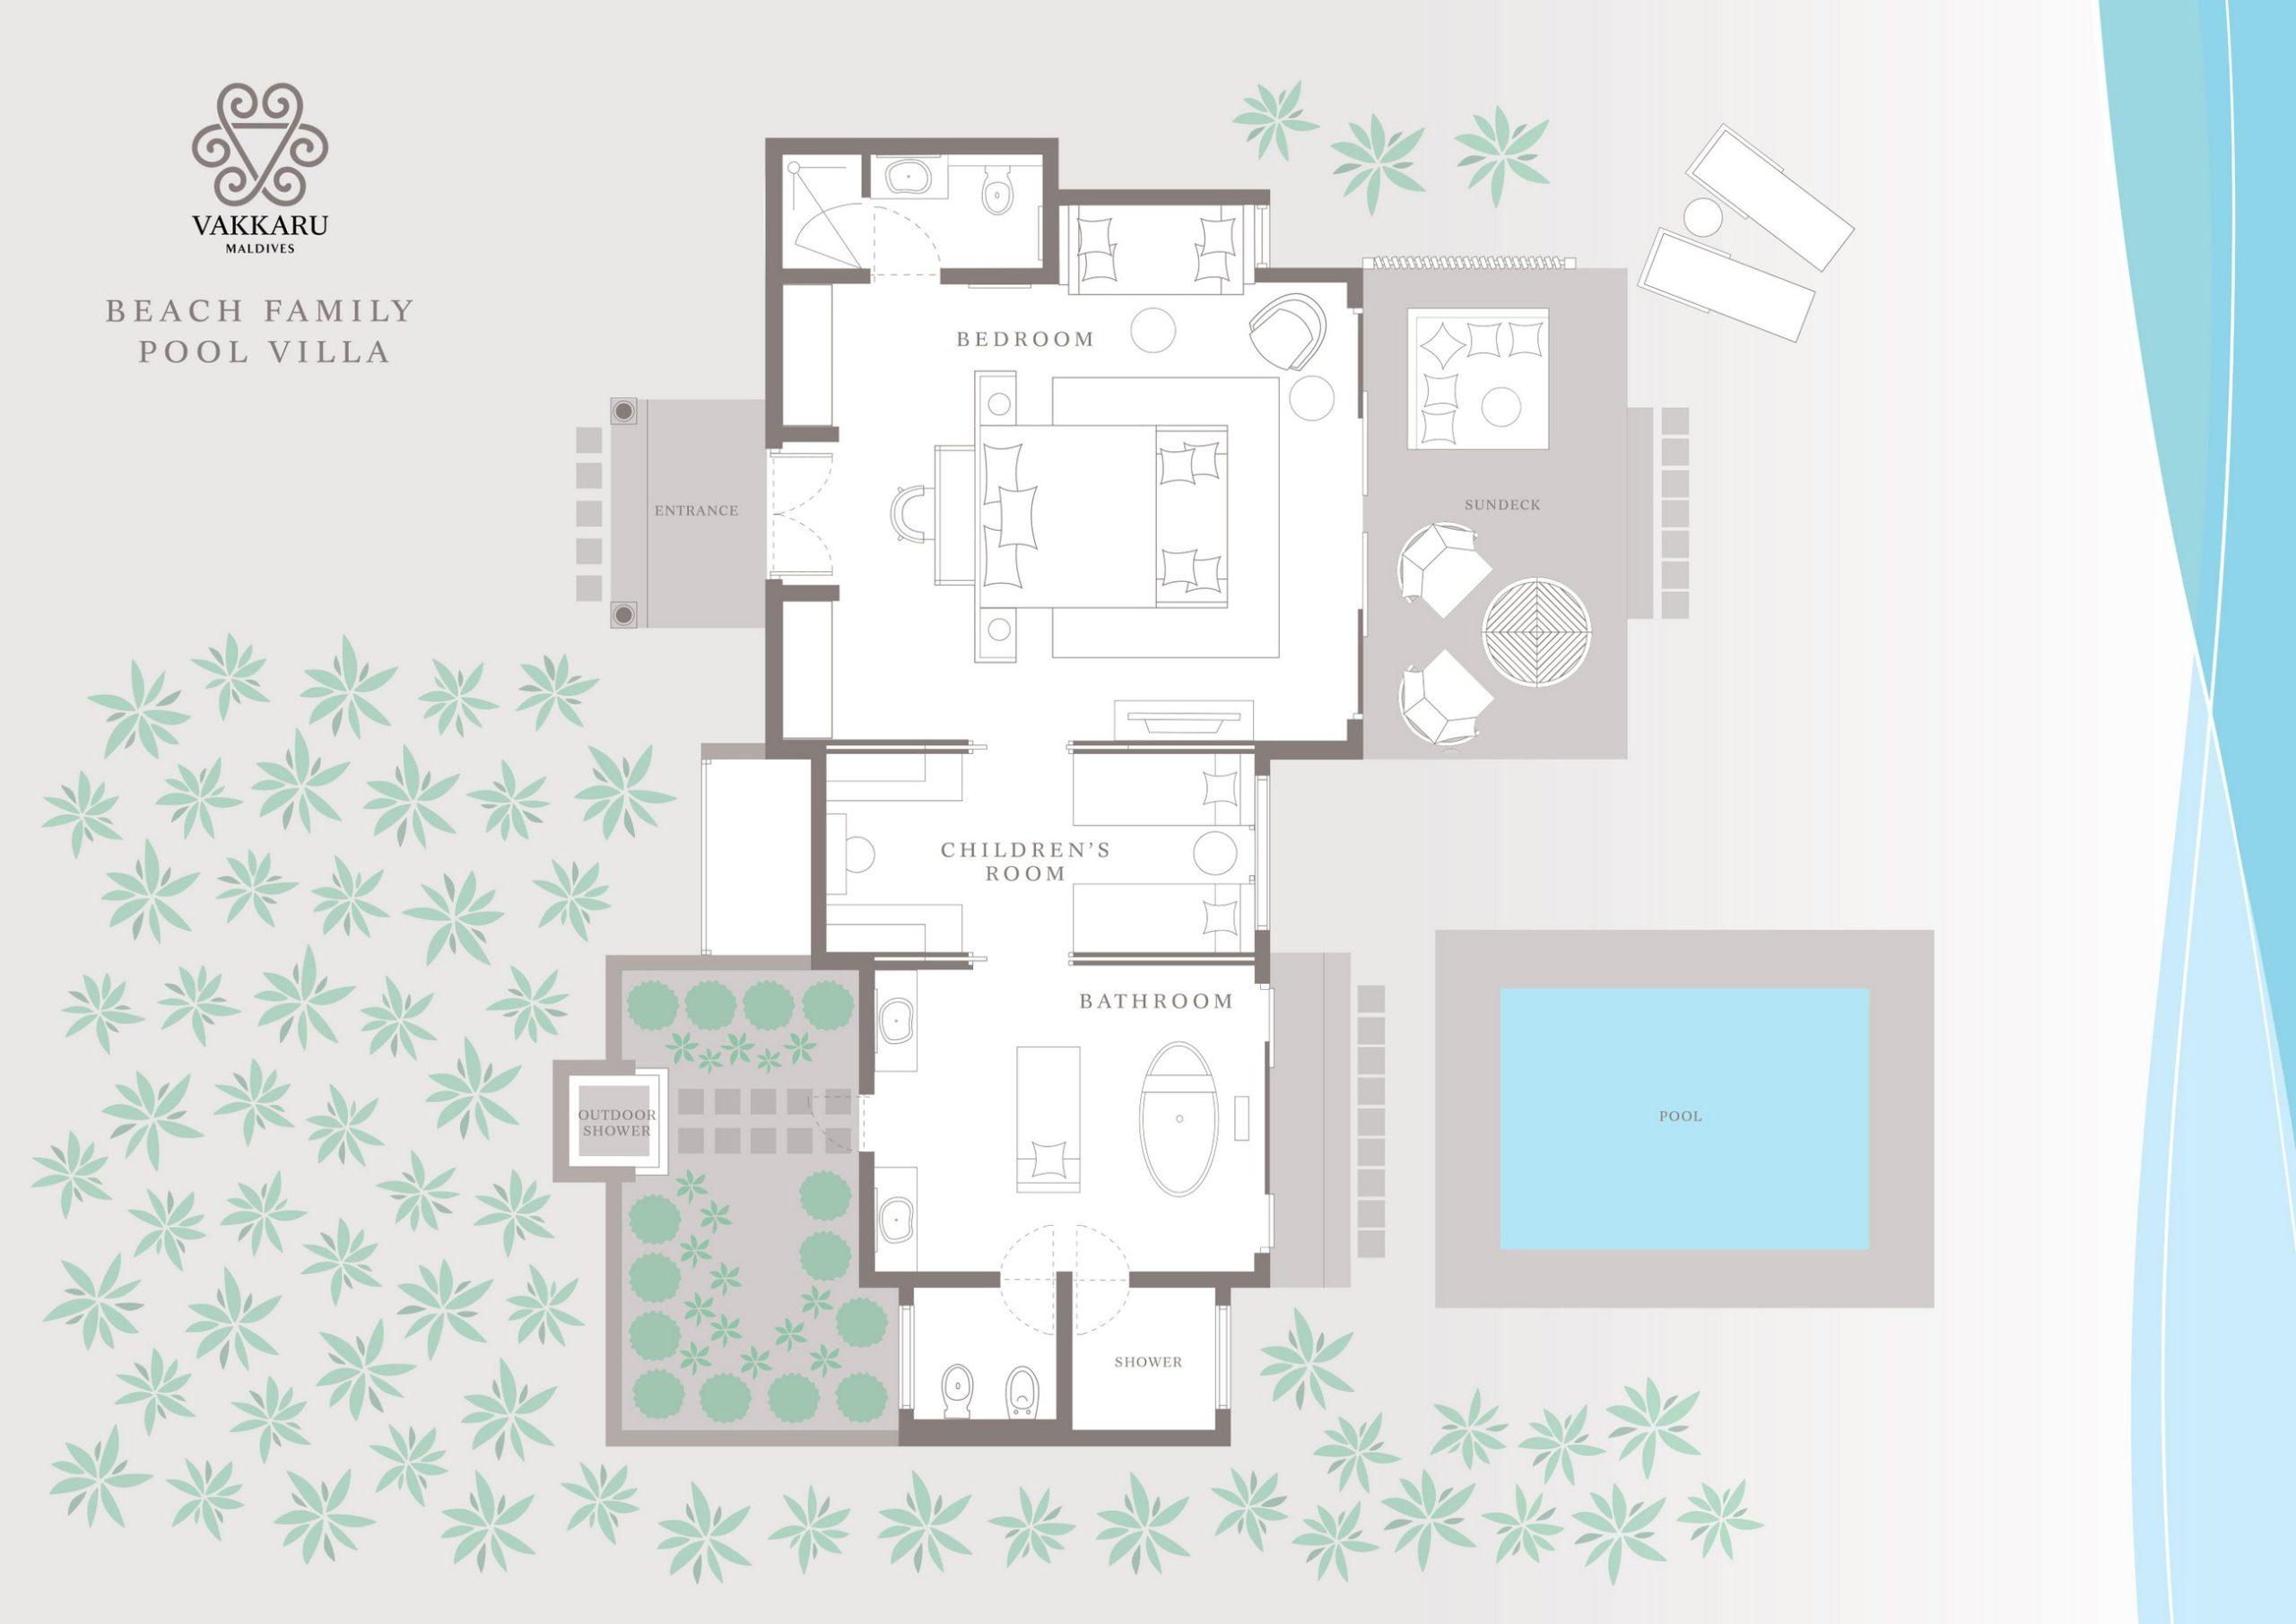 Мальдивы, отель Vakkaru Maldives, план-схема номера Family Beach Pool Villa